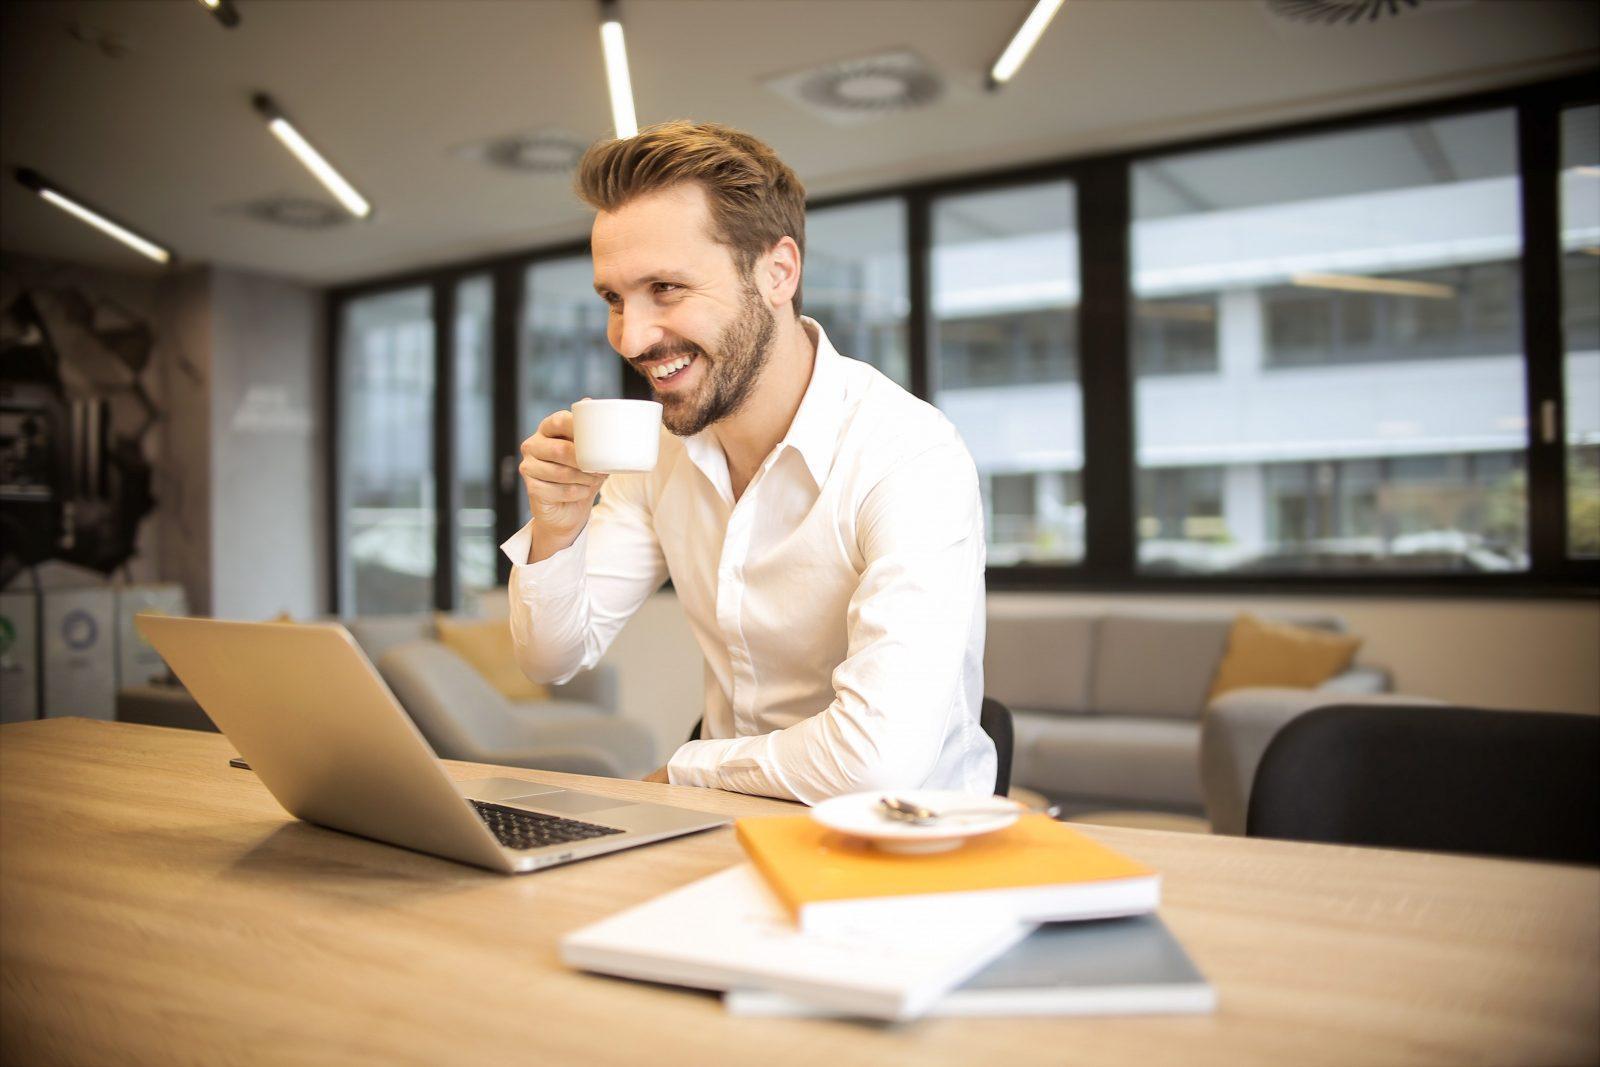 Top tips for hosting online meetings